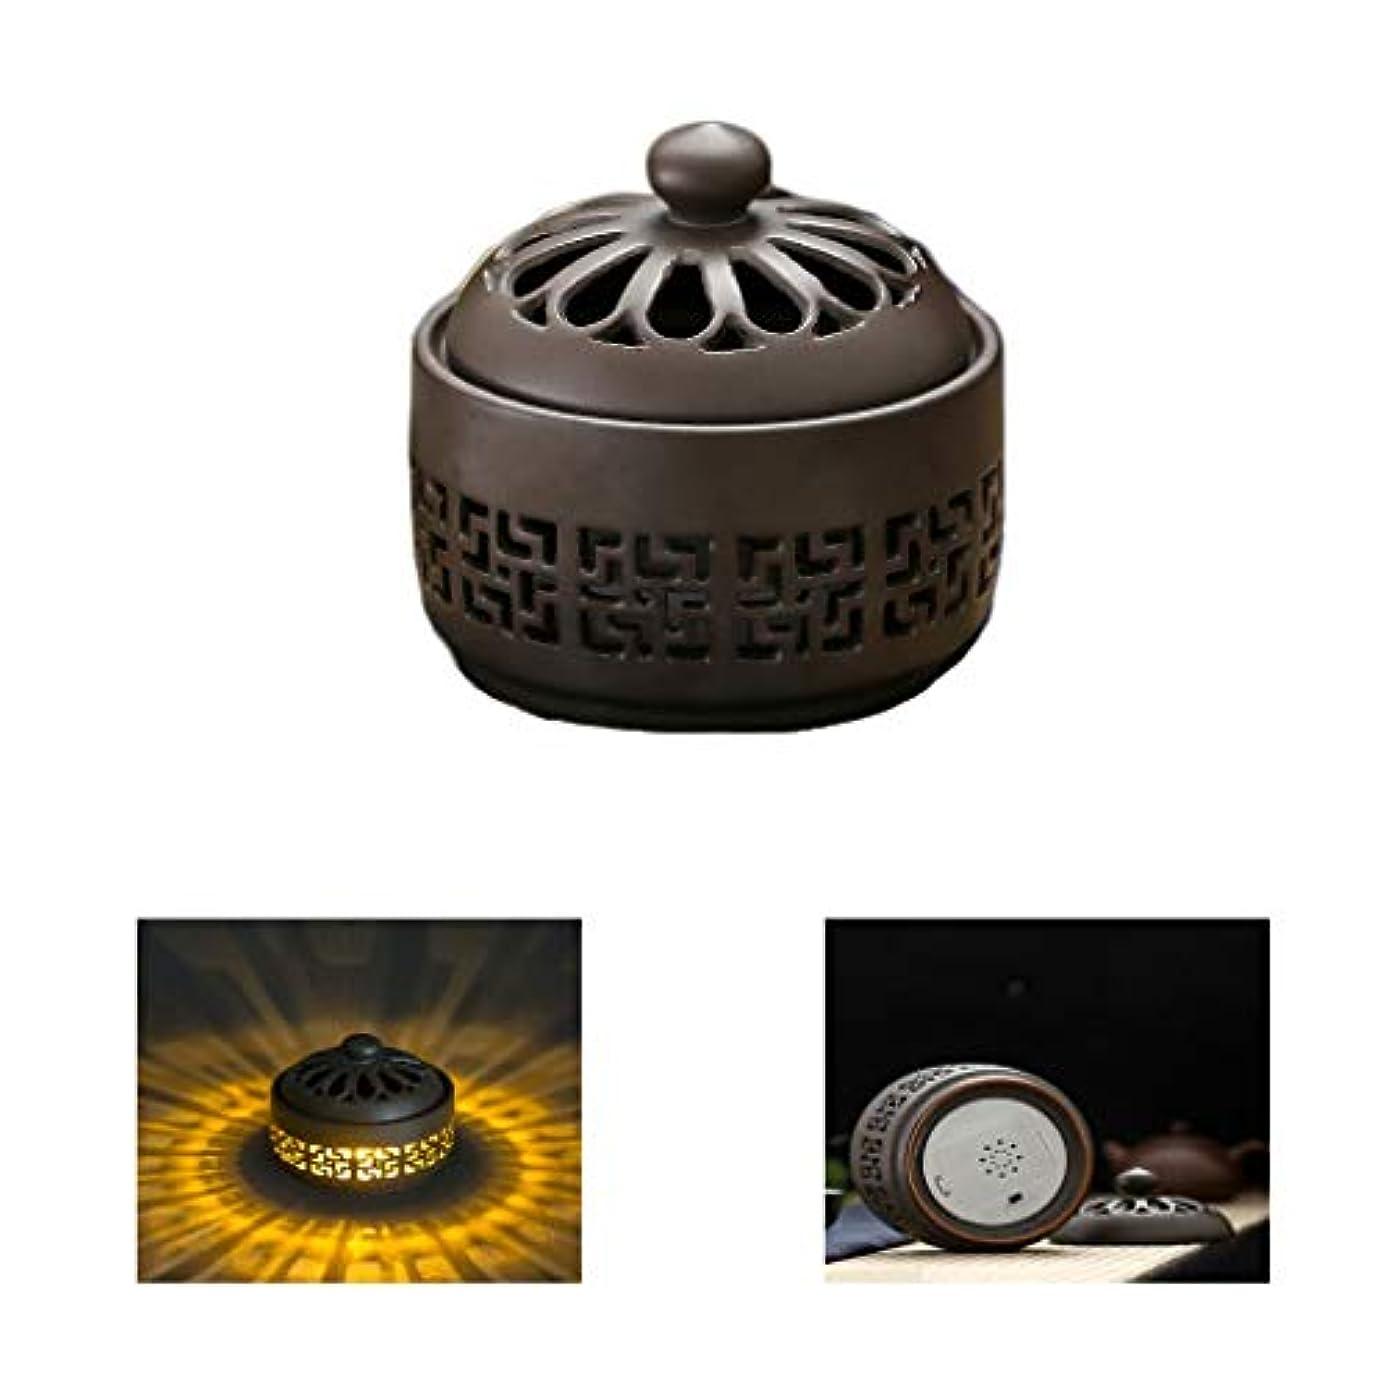 掻く間に合わせ論争的芳香器?アロマバーナー LED暖かい光香バーナーレトロノスタルジックなセラミック香炉高温アロマセラピー炉 アロマバーナー (Color : Earth tones)